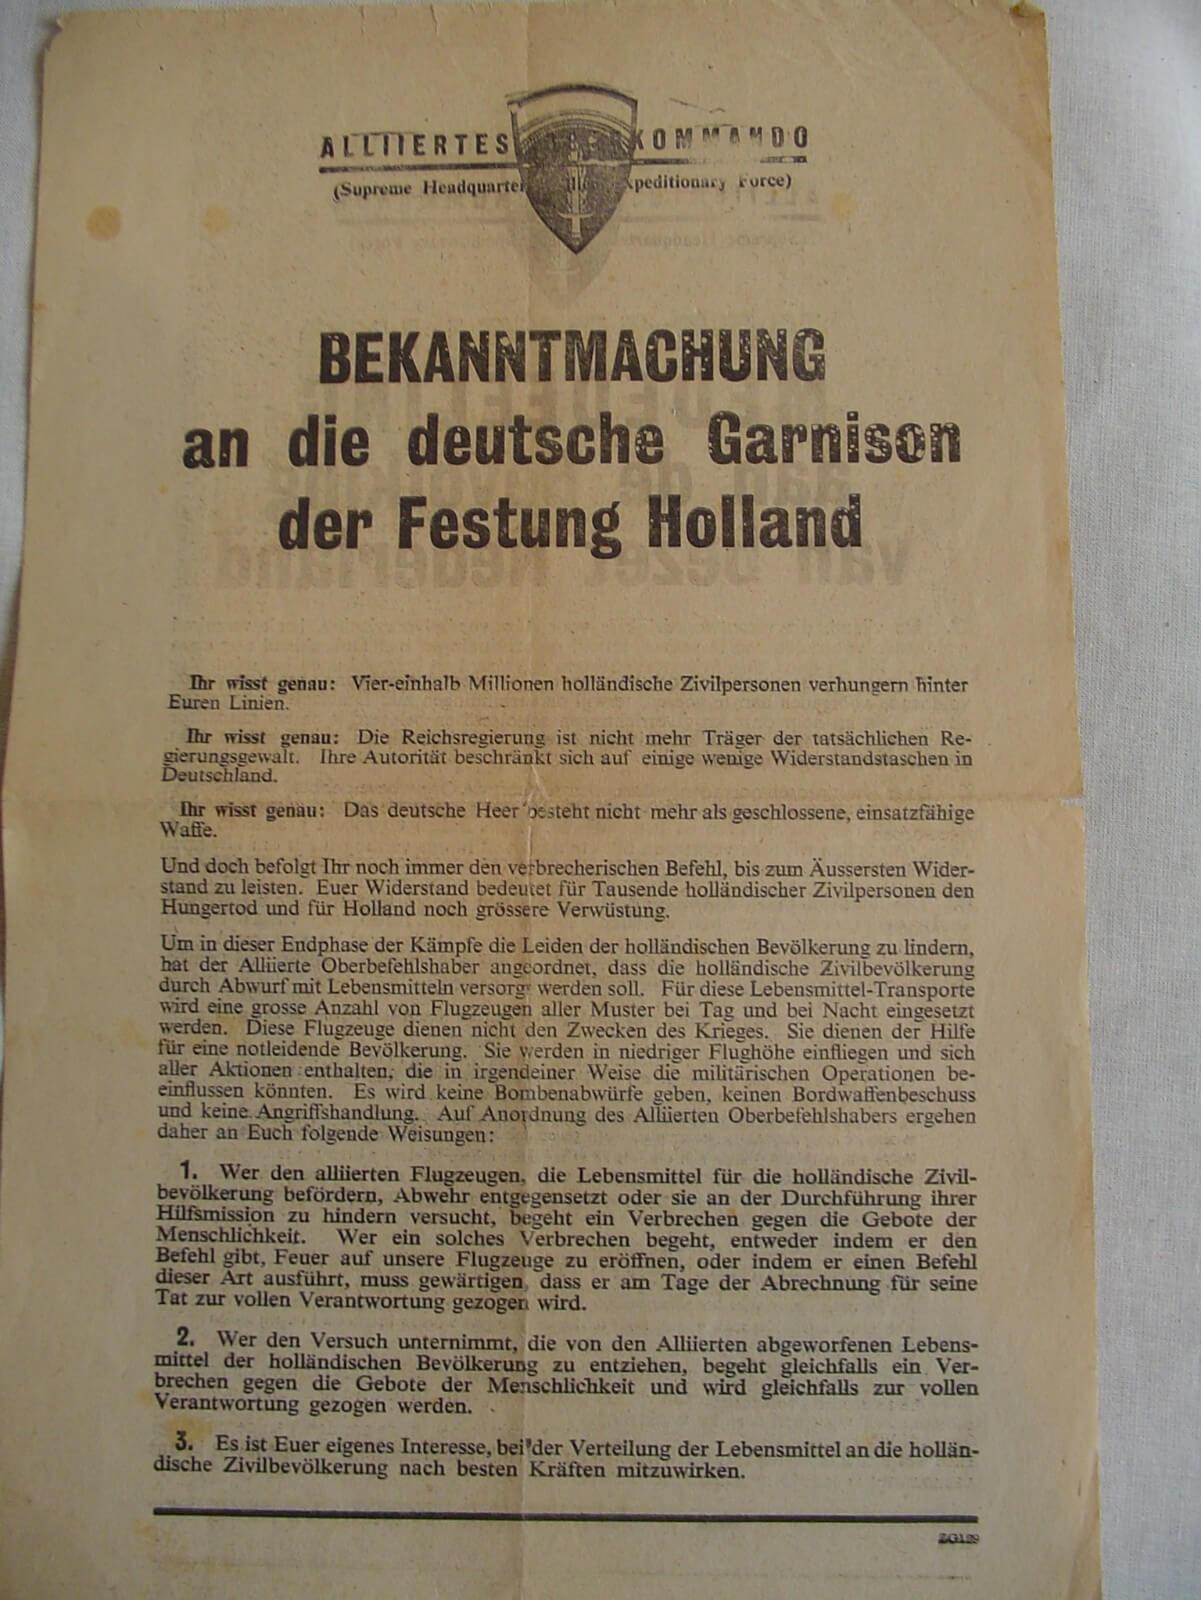 Bekanntmachung an die Deutsche Garnison der Ferstung Holland strooi pamflet wo2